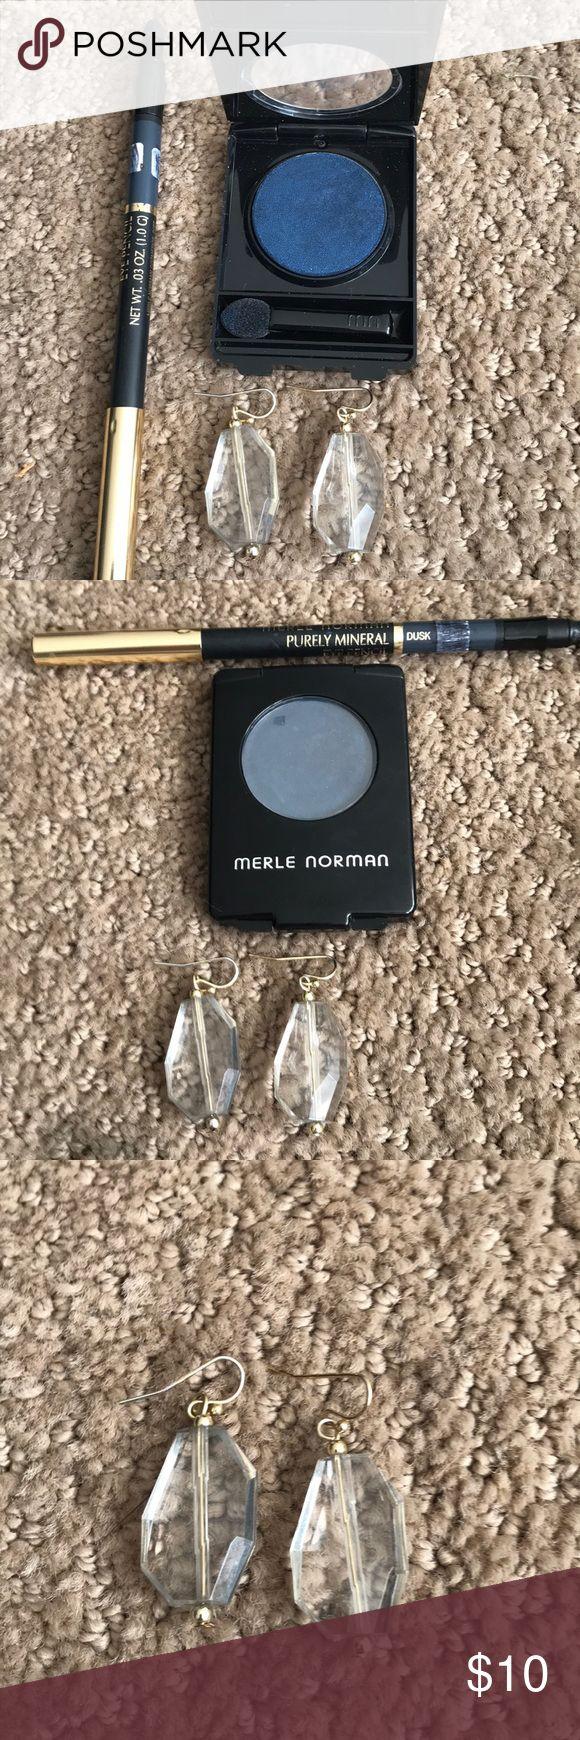 Eye shadow liner , drop earrings Eye shadow in Cobalt, matching bluish gray eyeliner , plus clear drop earrings❤️ merle norman Makeup Eyeshadow